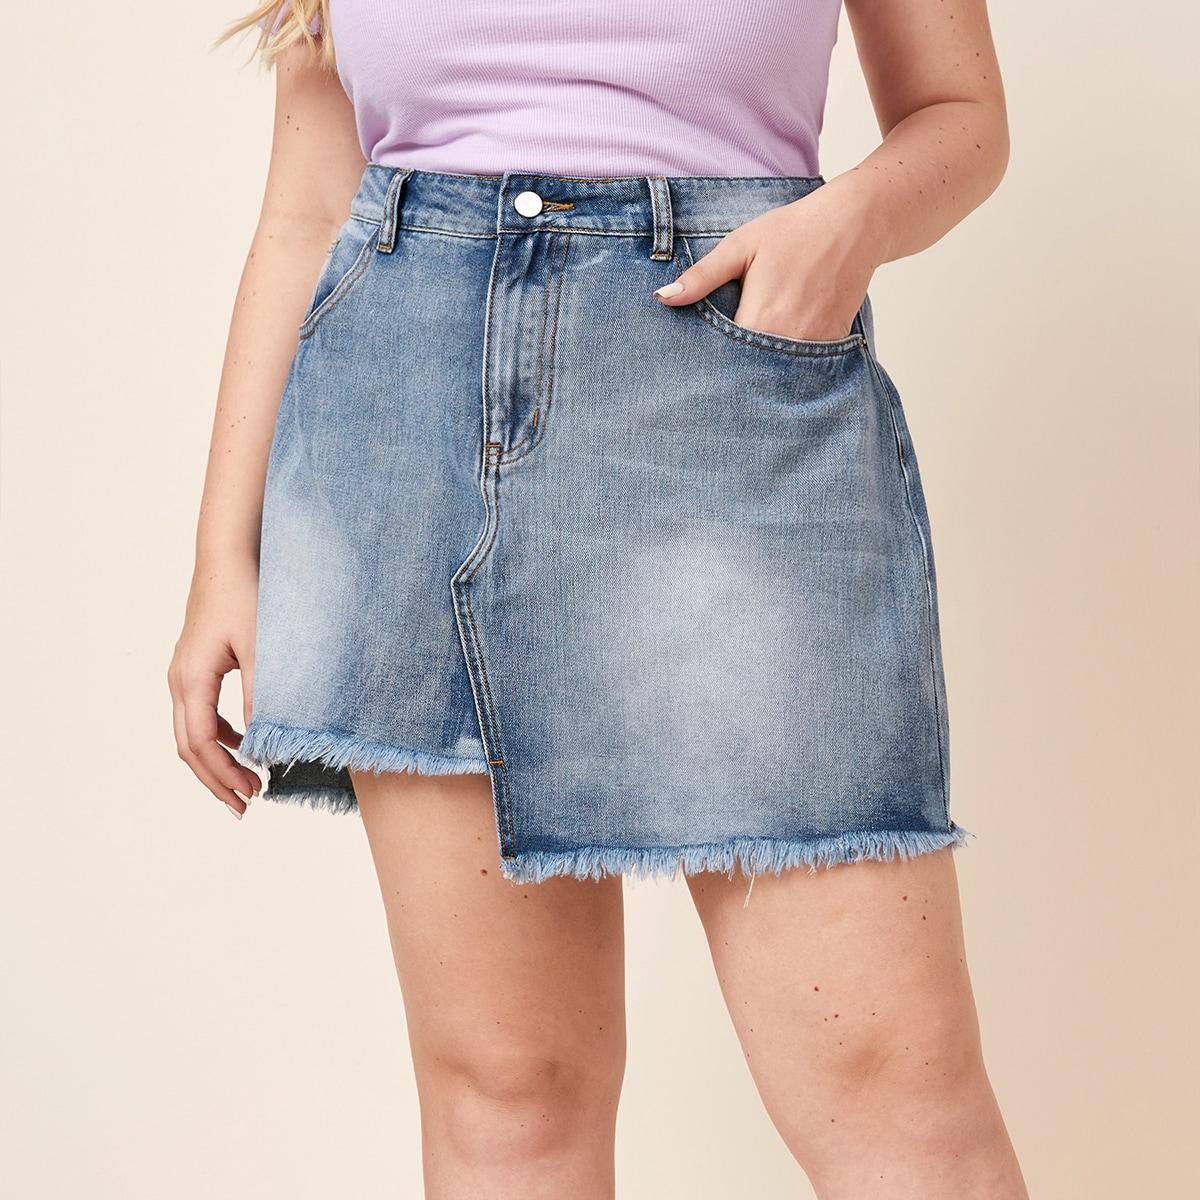 Асимметричная джинсовая юбка размера плюс